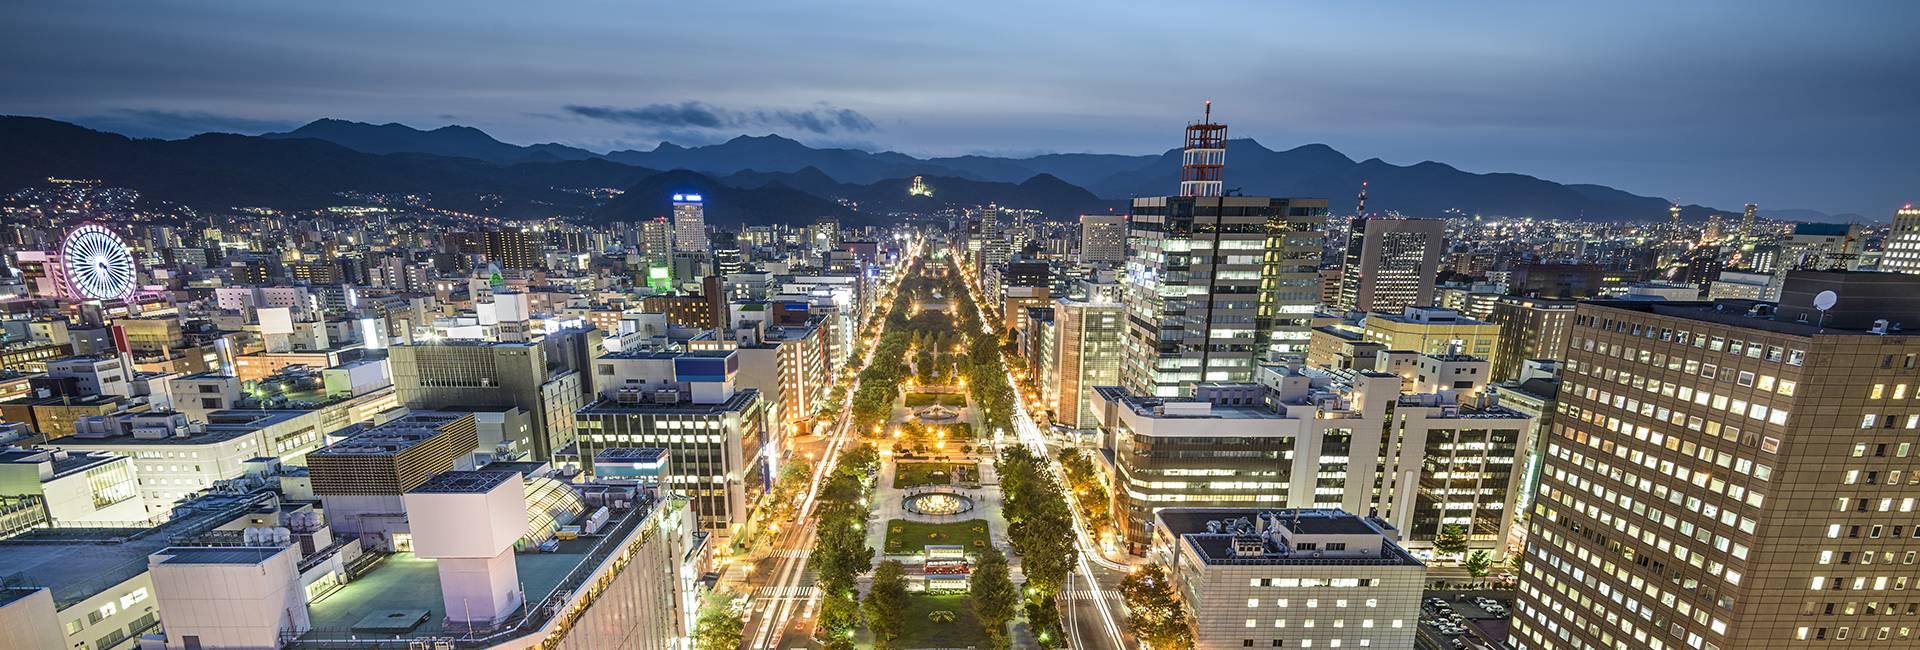 Odori Park in Sapporo